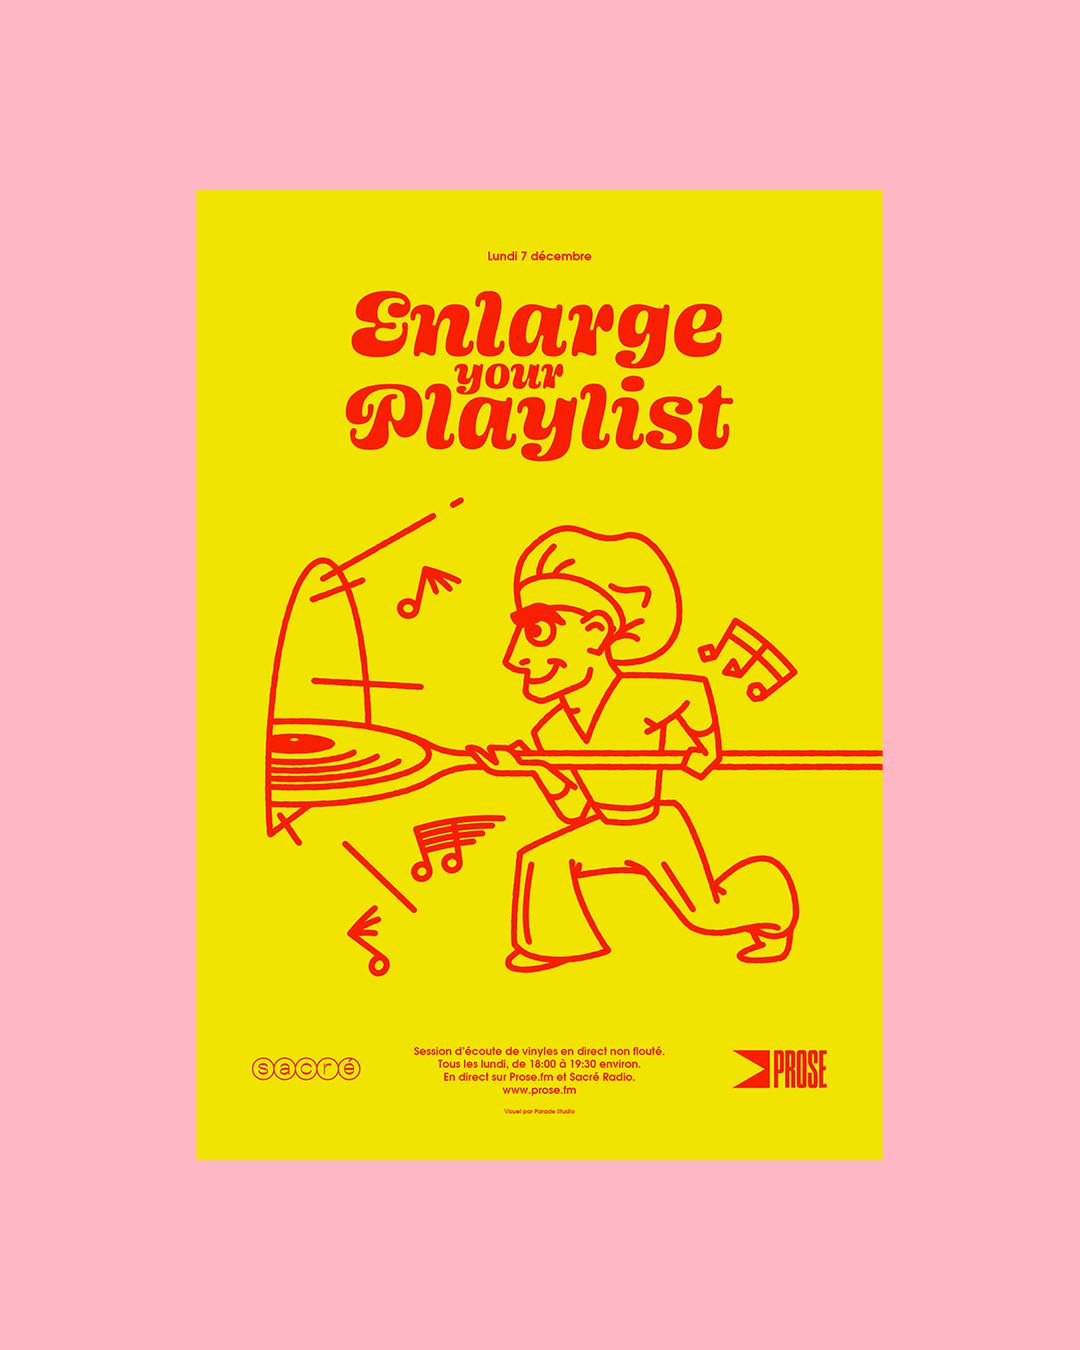 affiche illustration pizzaiolo musical jaune et rose Enlarge your playlist